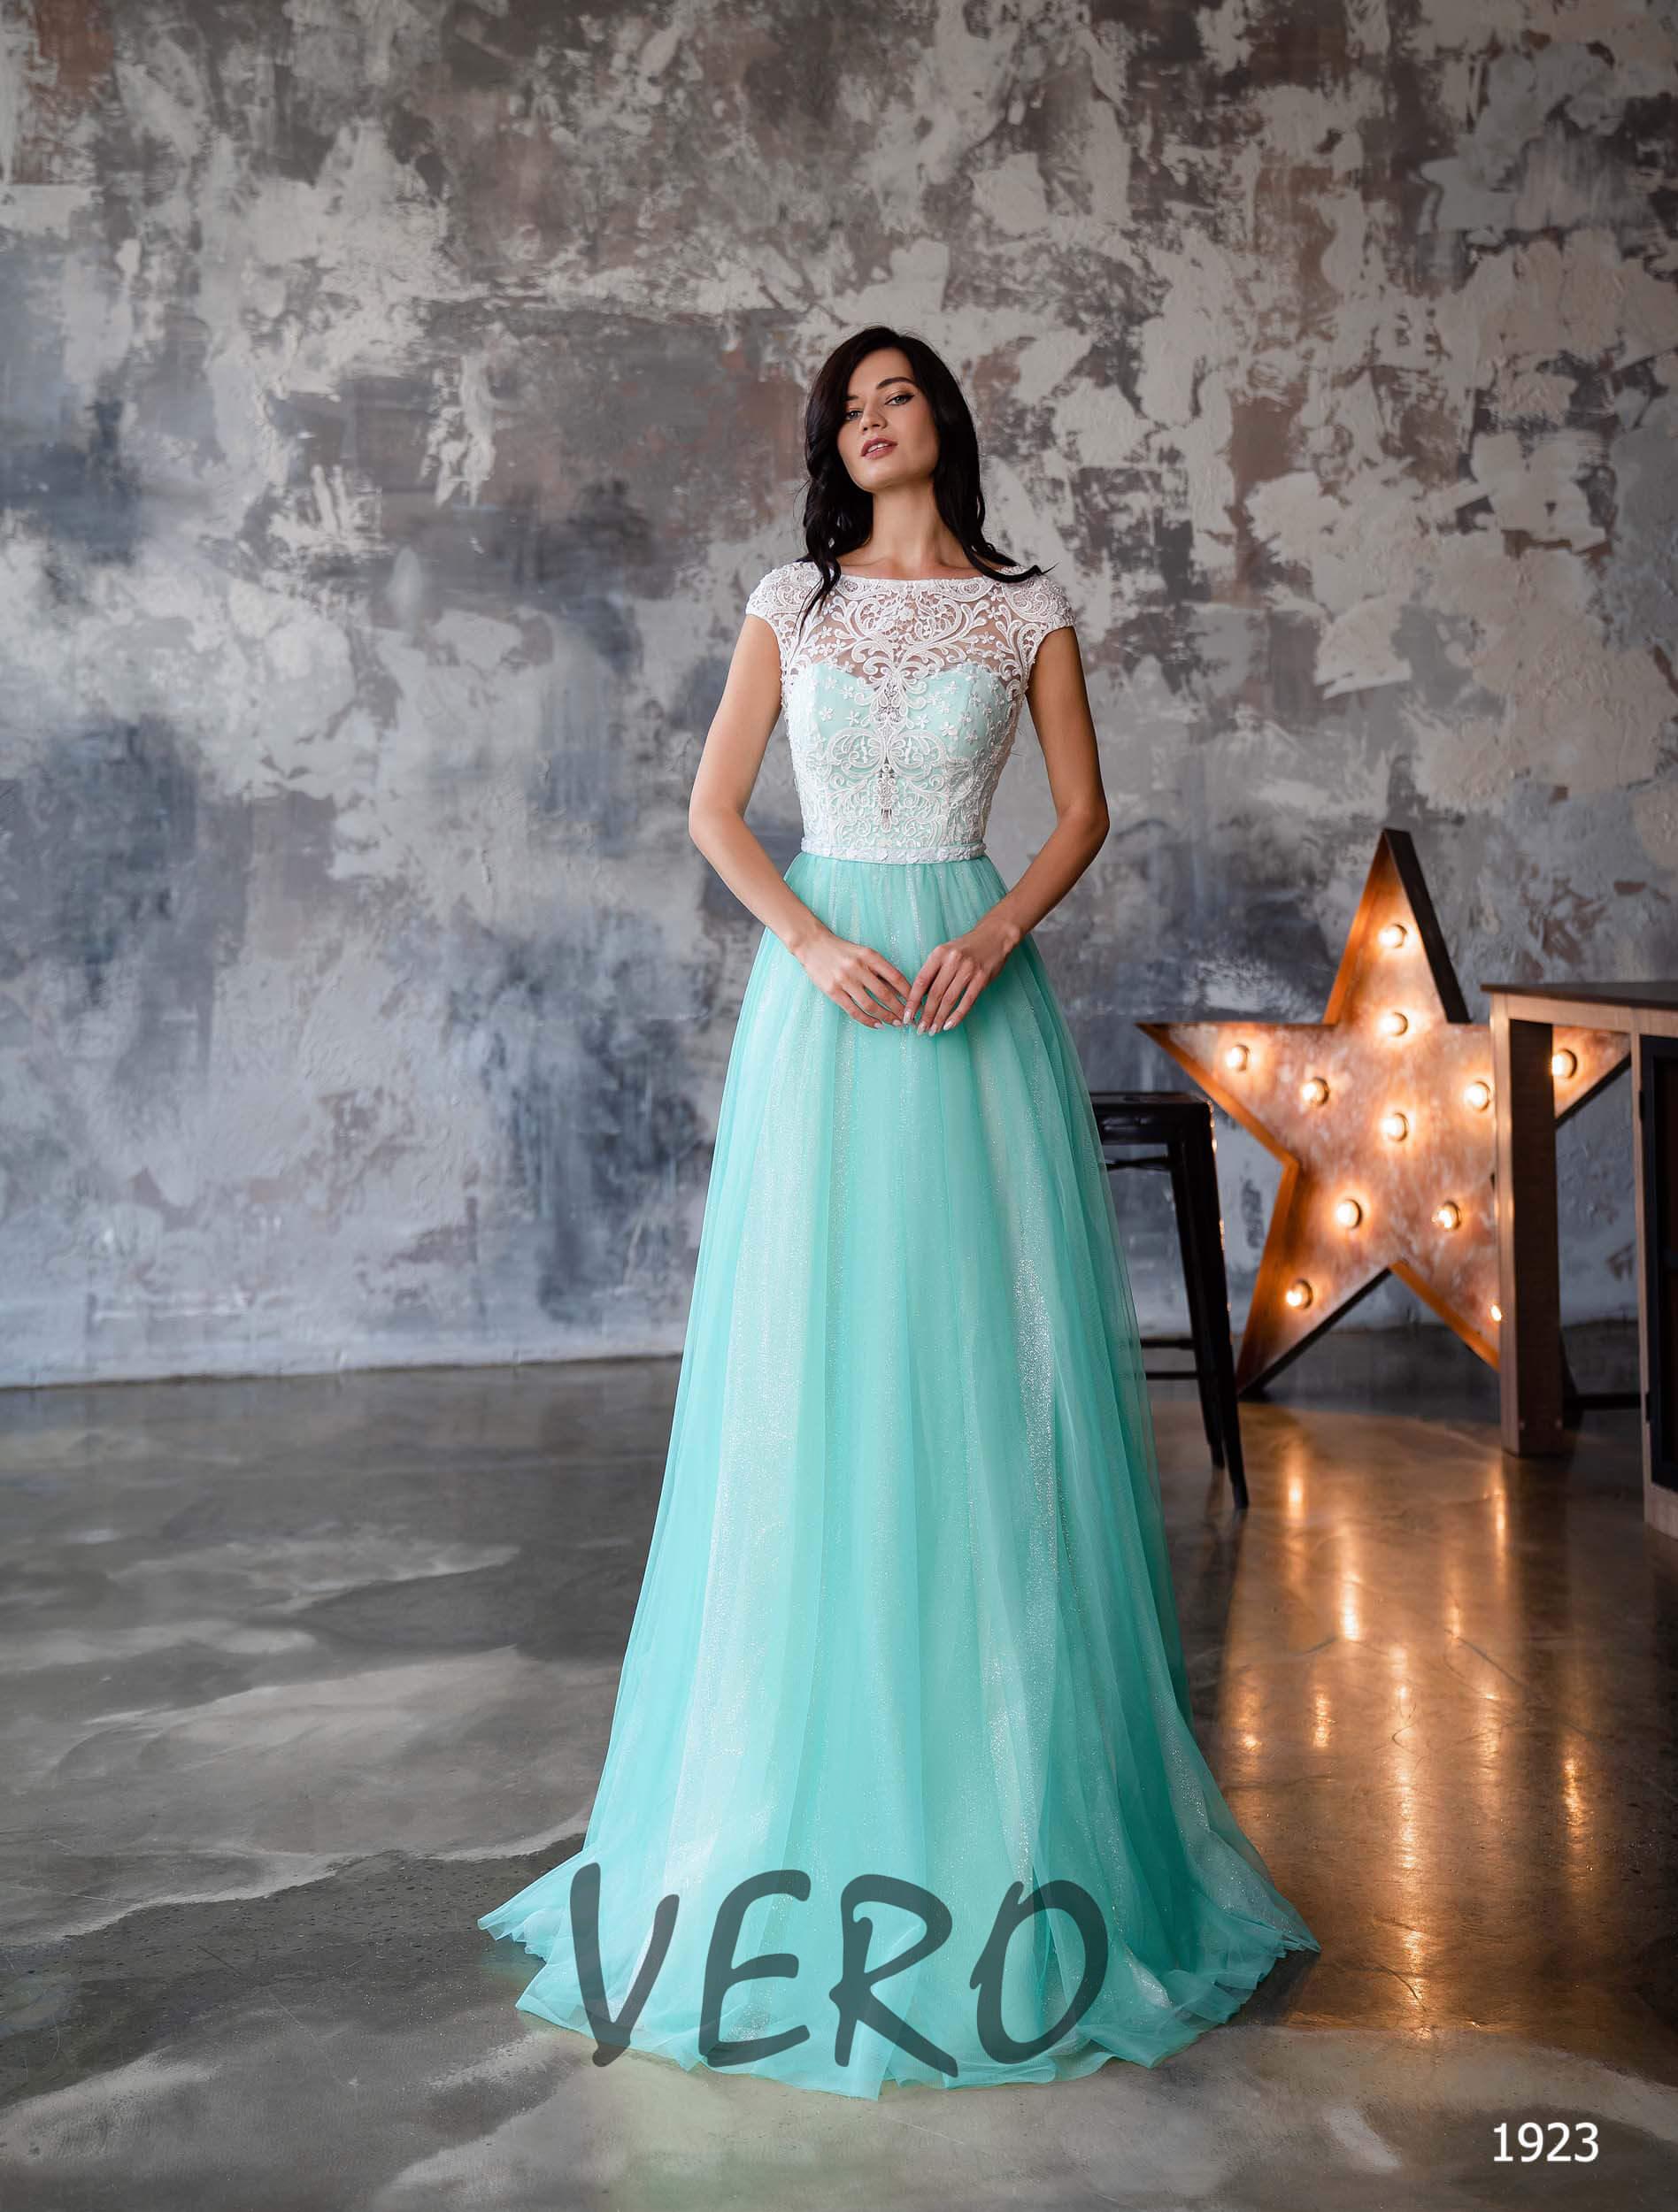 нежные выпускные платья(1) | Vero